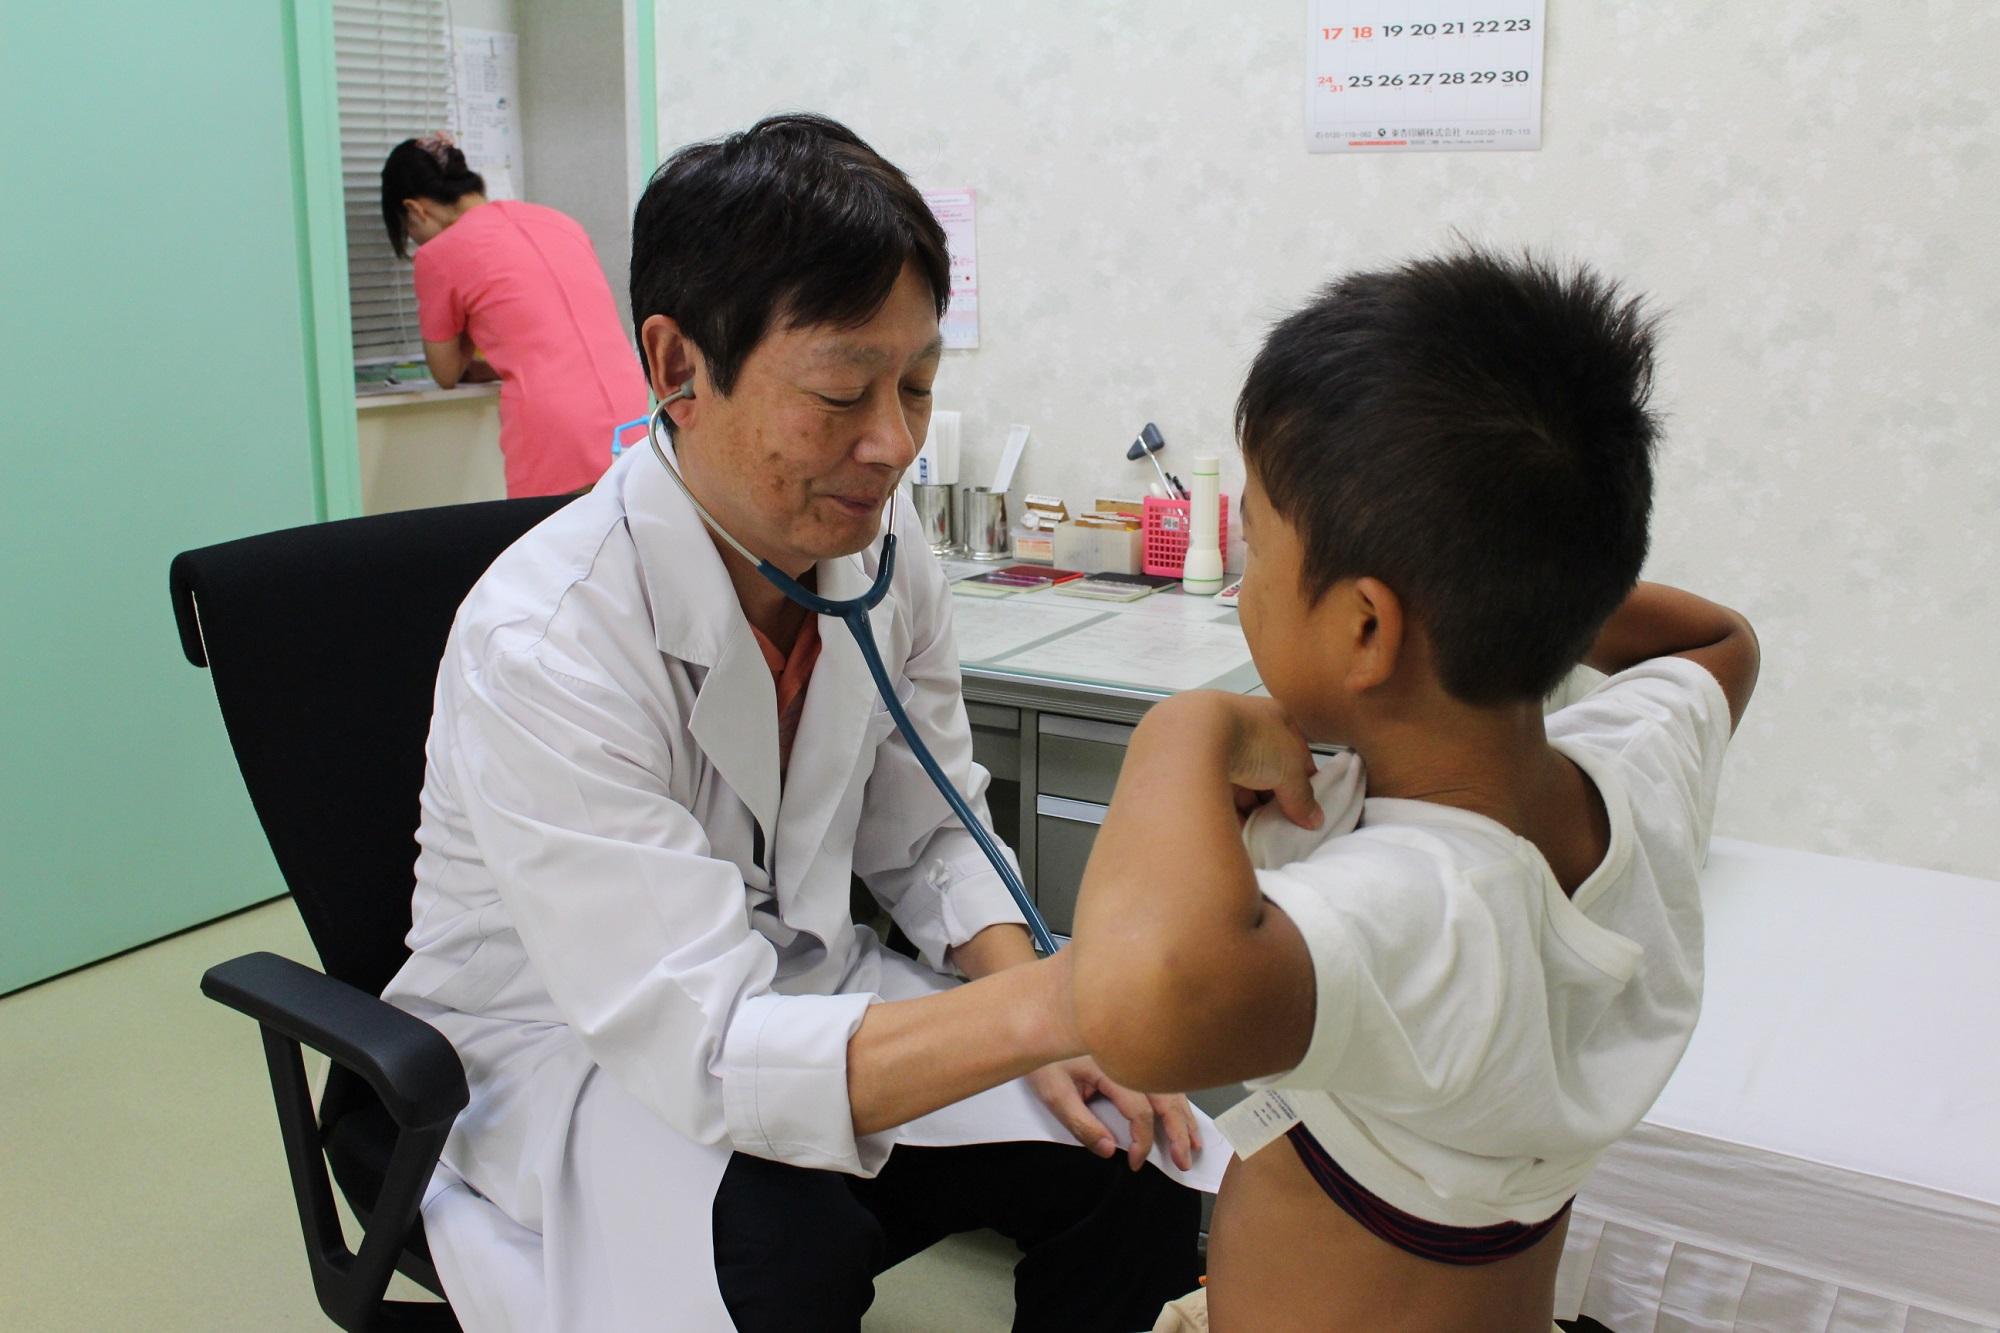 7月以降の休日夜間急患診療所 内科・小児科系の診療のみ対応へ